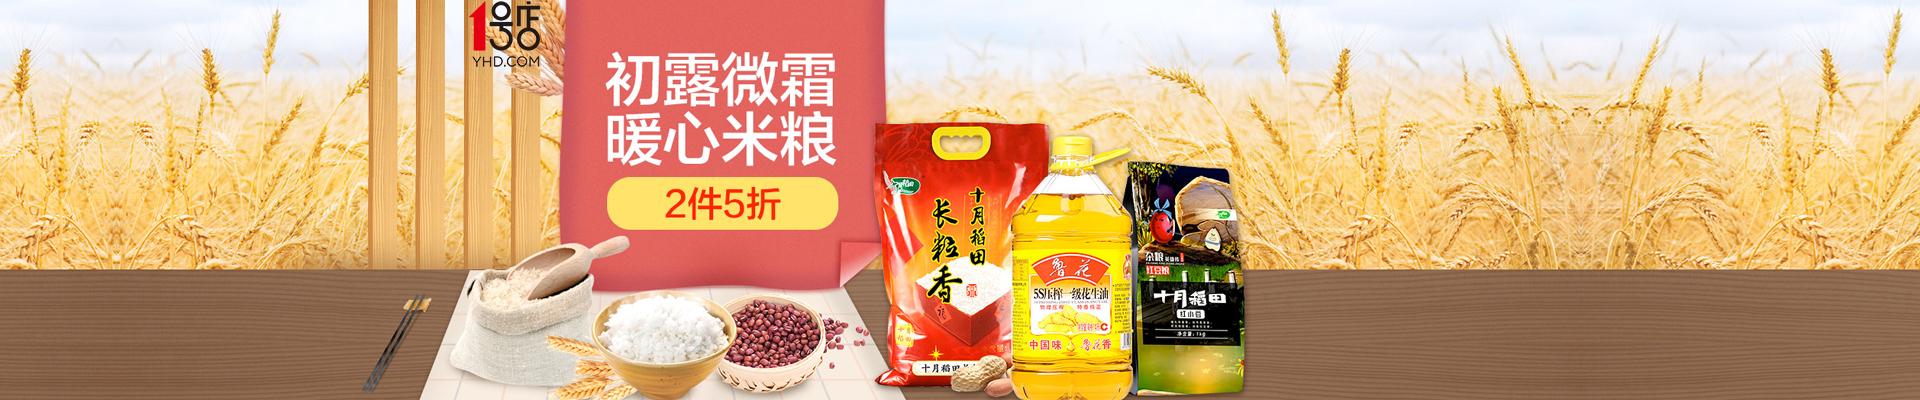 1号店 粮油米面专场